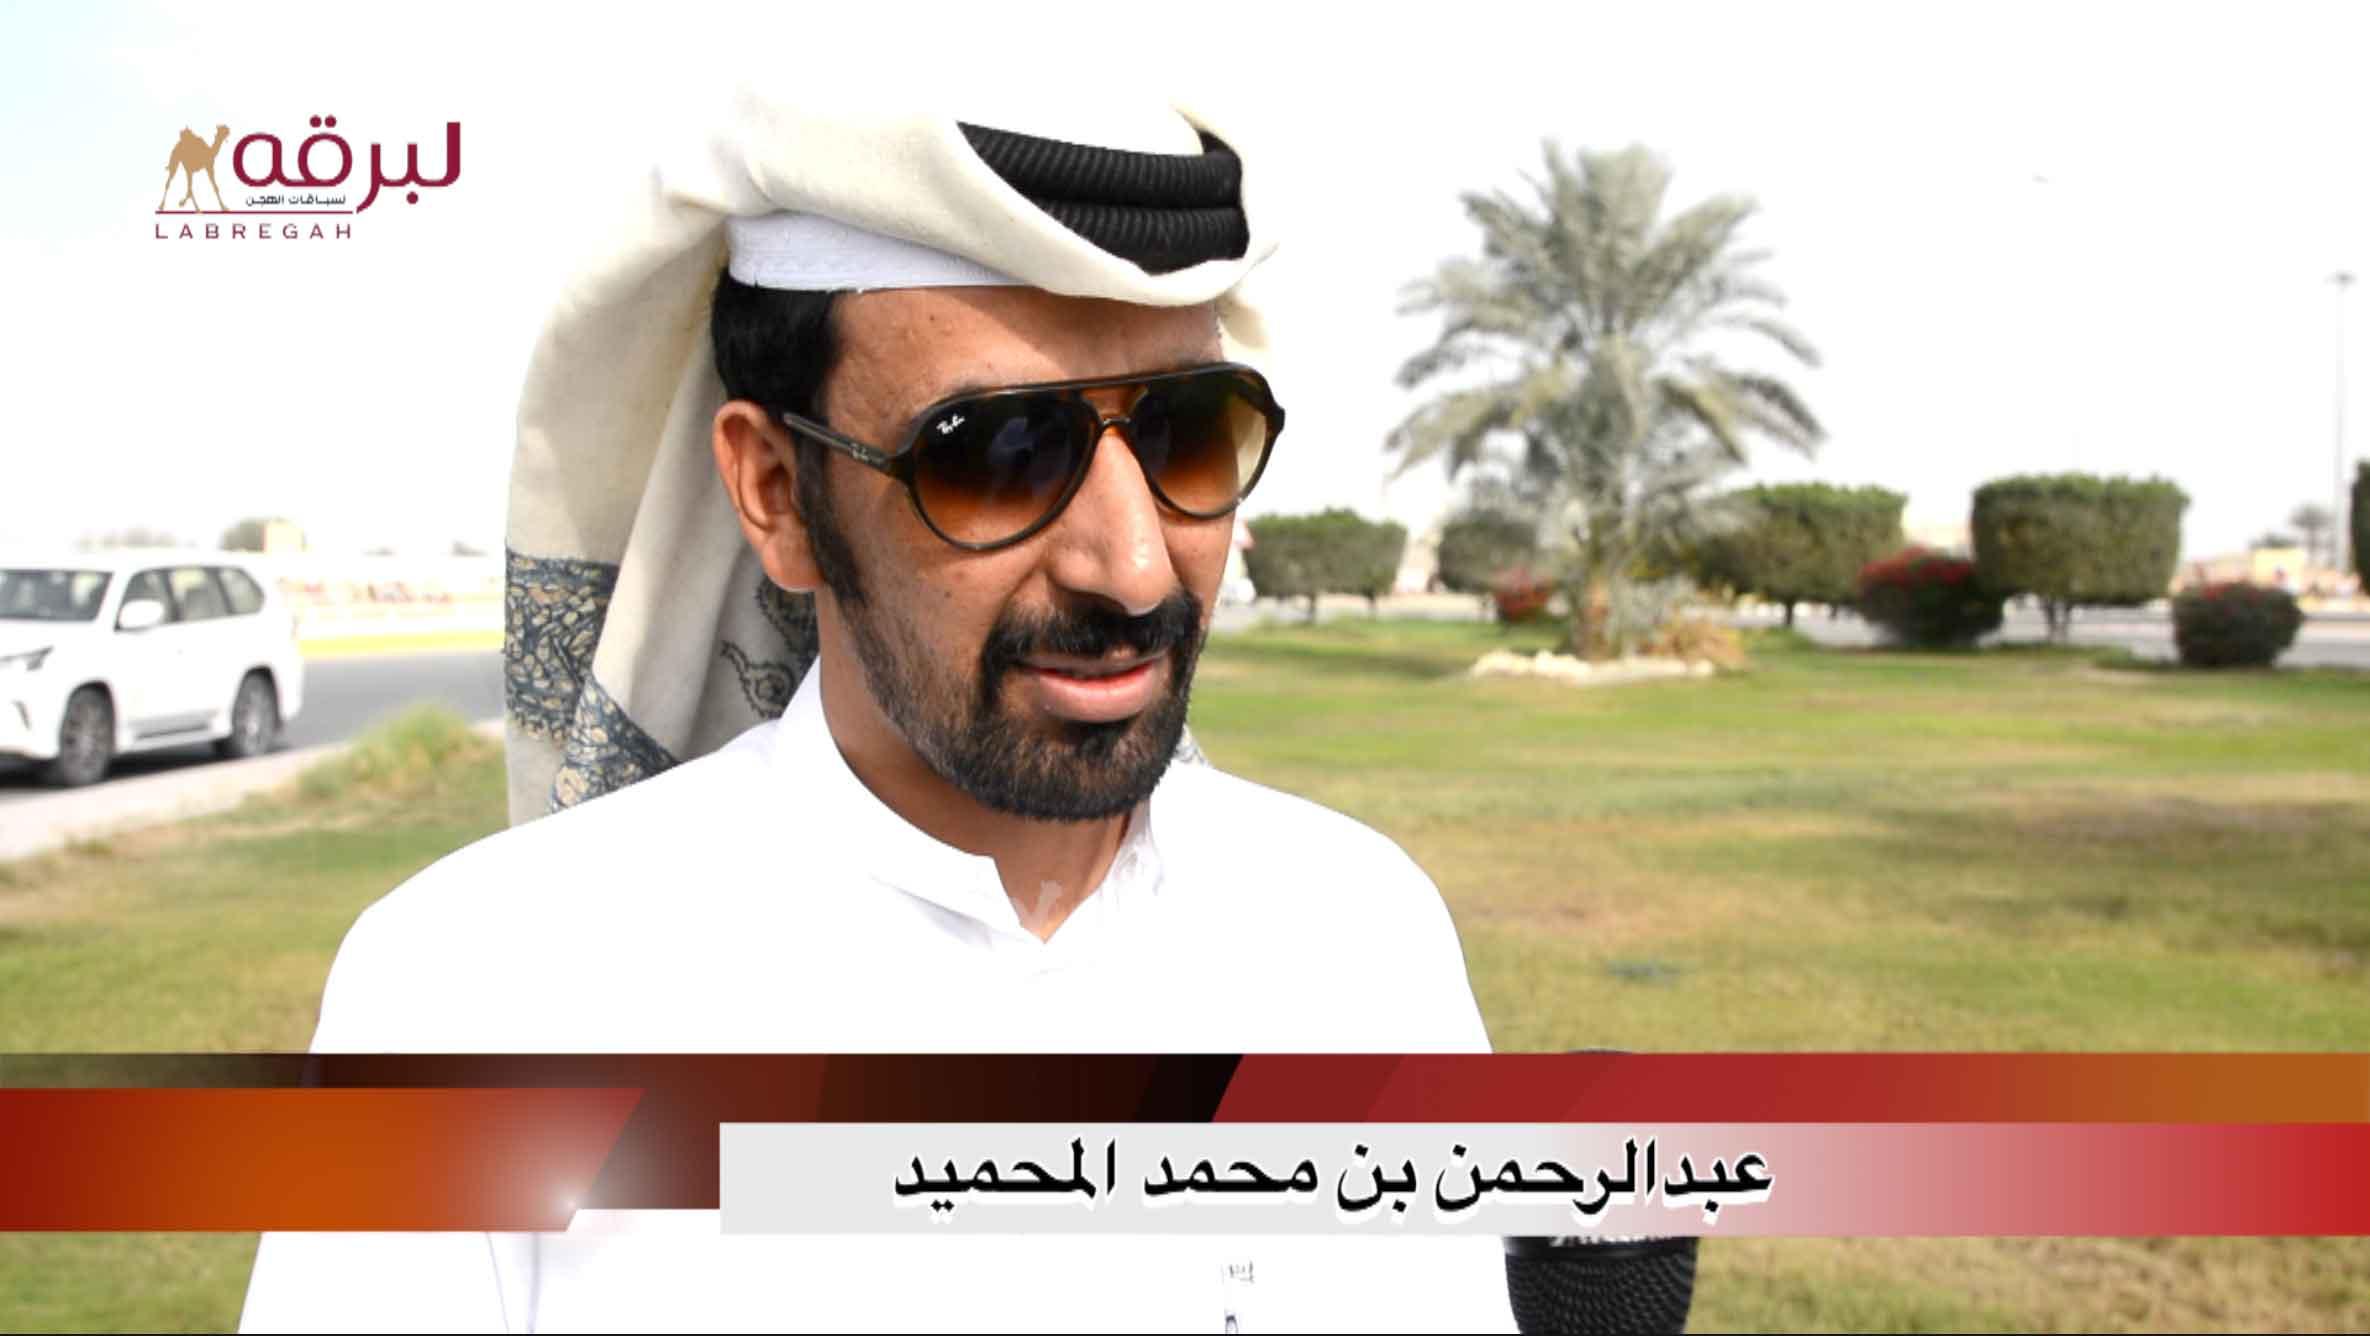 لقاء مع عبدالرحمن بن محمد المحميد.. الشوط الرئيسي زمول « إنتاج » الأشواط العامة  ١٨-٢-٢٠٢١